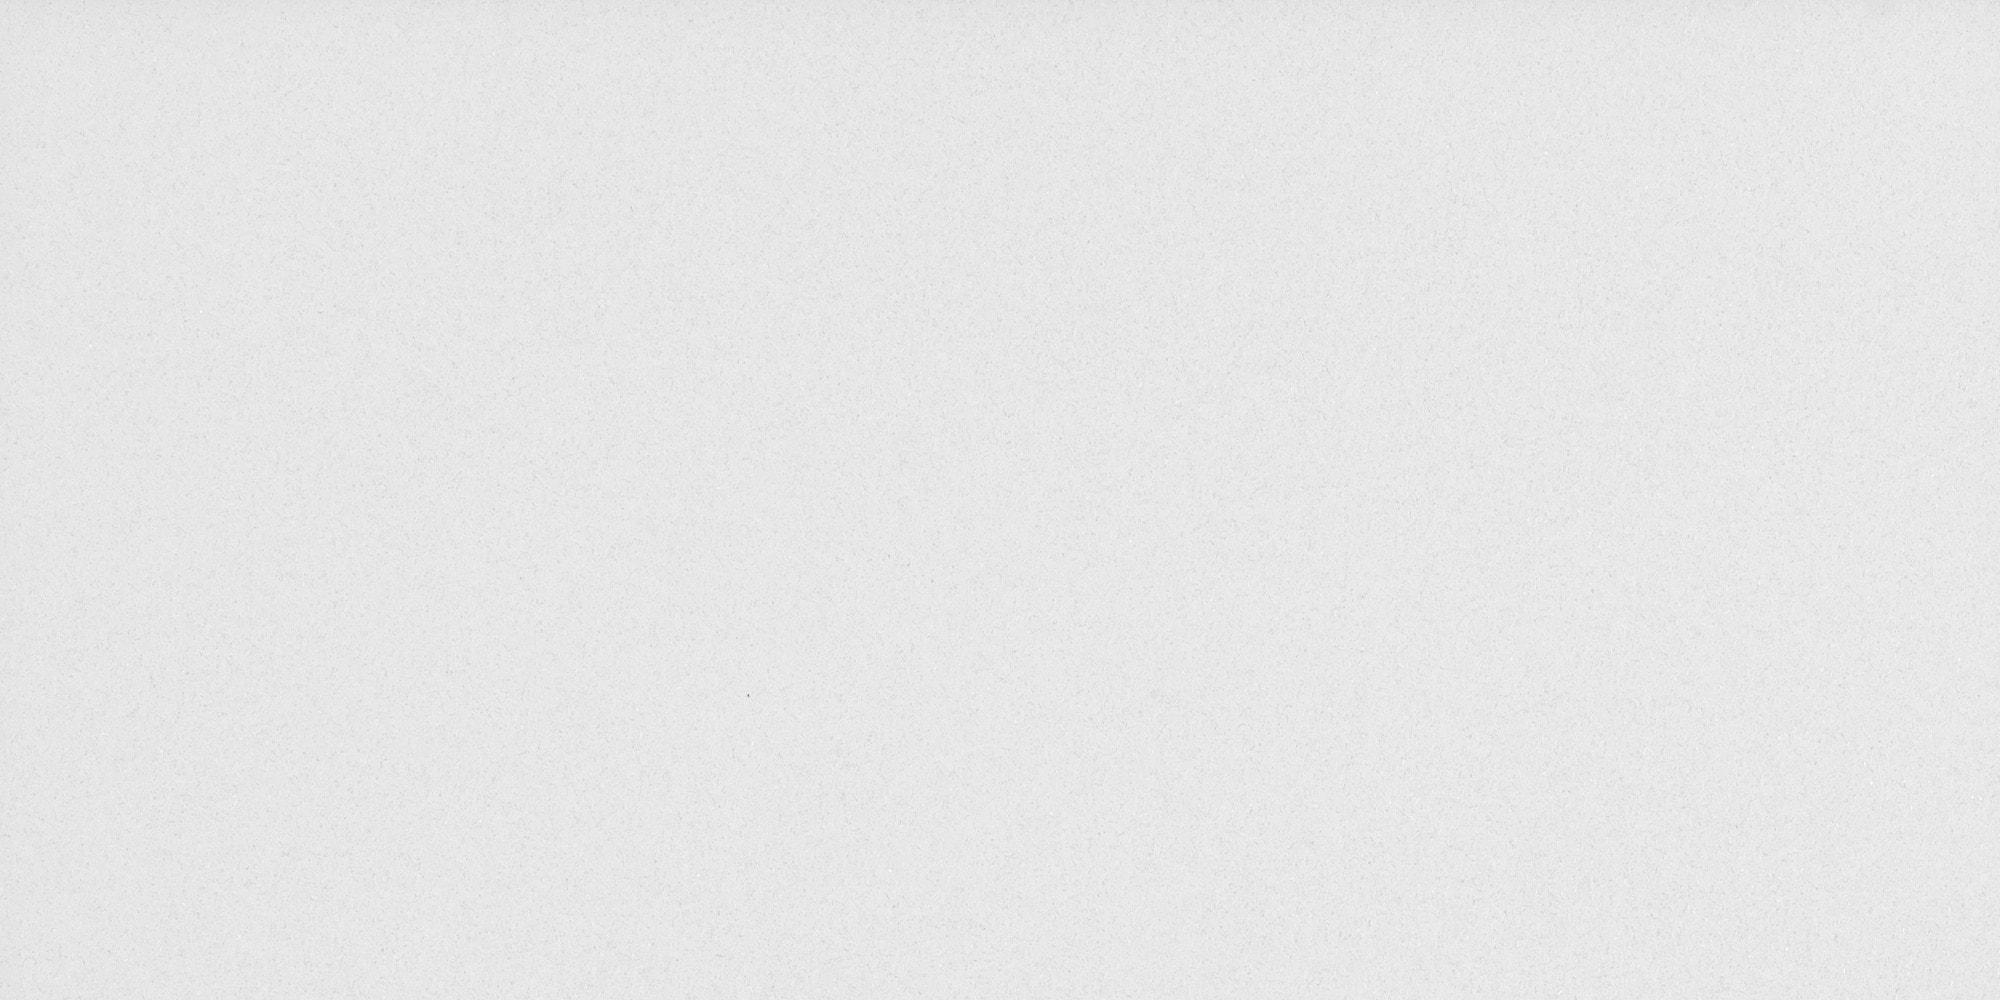 Płytka podłogowa Cerrad Cambia White 597x297x8,5mm 20253